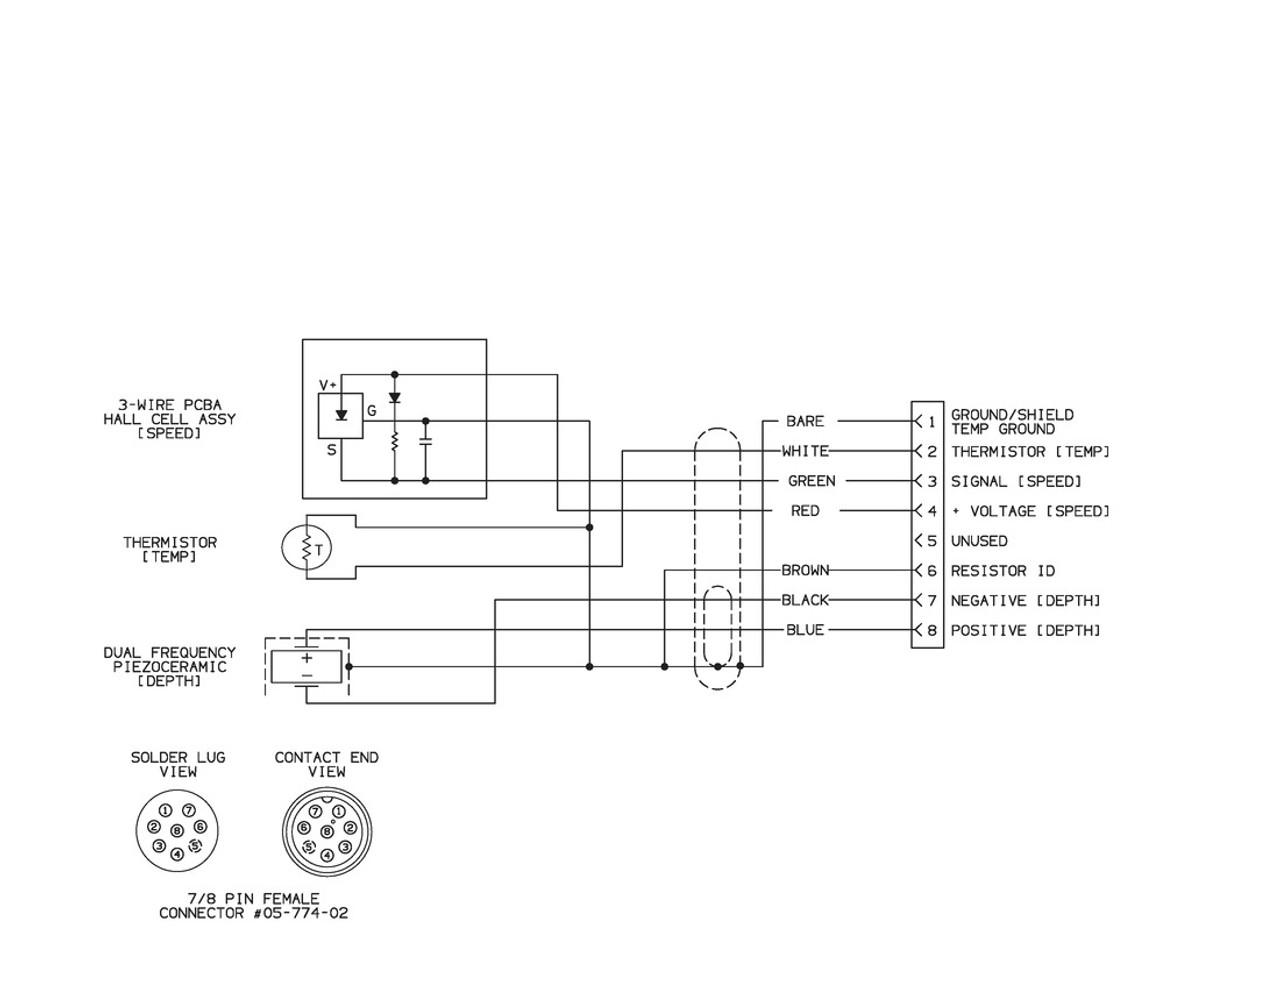 thermistor wiring diagram dual wiring diagram Rtd Wiring Diagram thermistor wiring diagram dual wiring libraryreprap schematic png1235x890 depth, speed \\u0026 temperature p66 600w